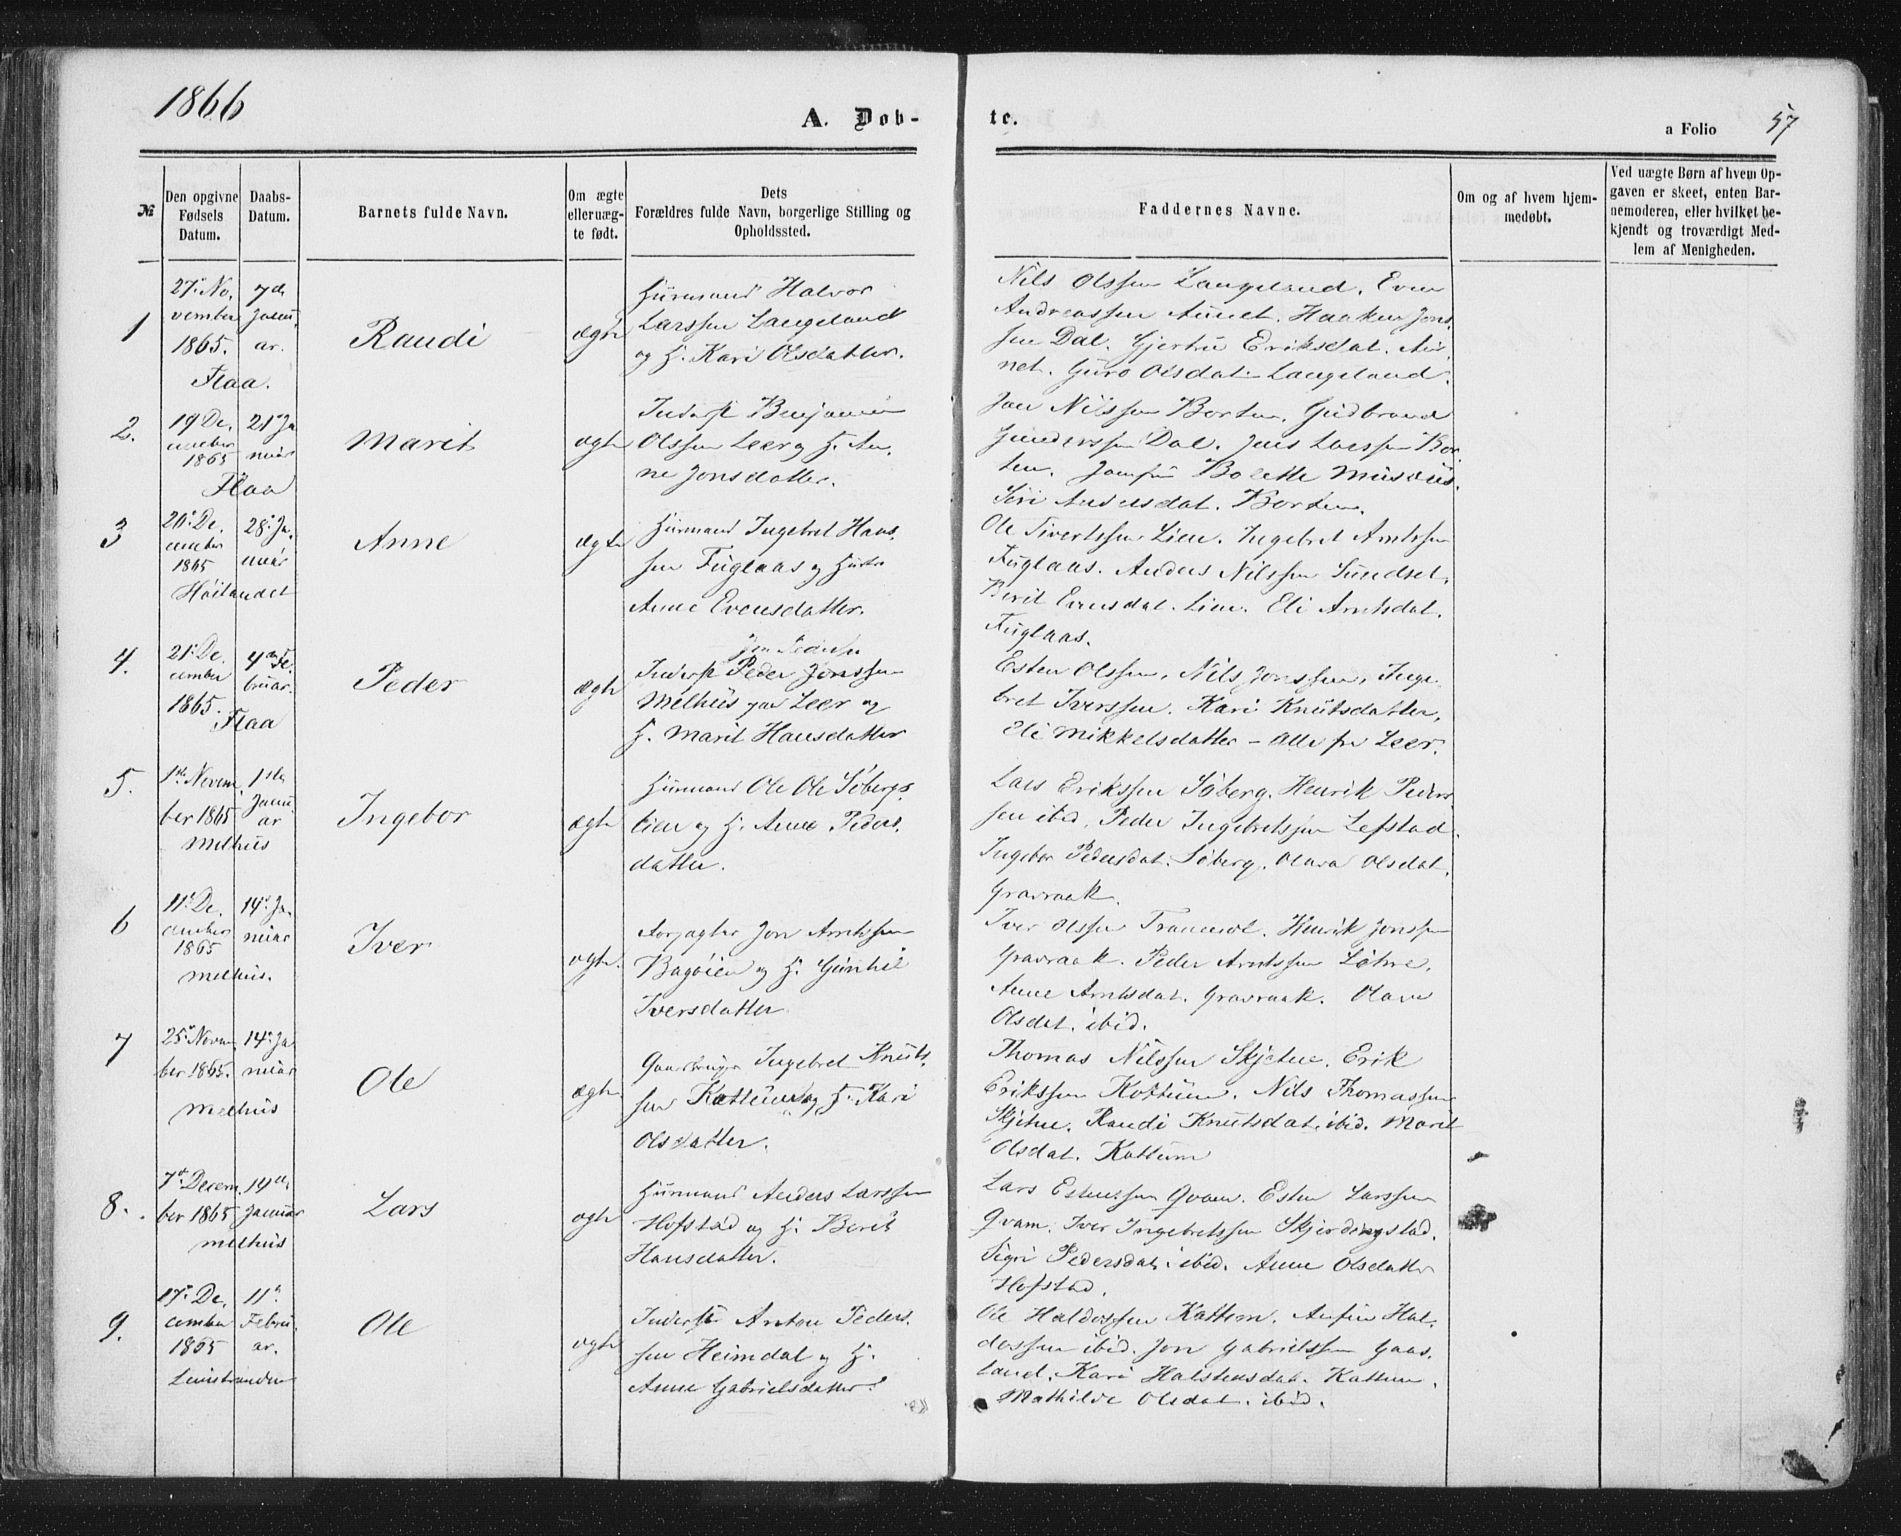 SAT, Ministerialprotokoller, klokkerbøker og fødselsregistre - Sør-Trøndelag, 691/L1077: Ministerialbok nr. 691A09, 1862-1873, s. 57